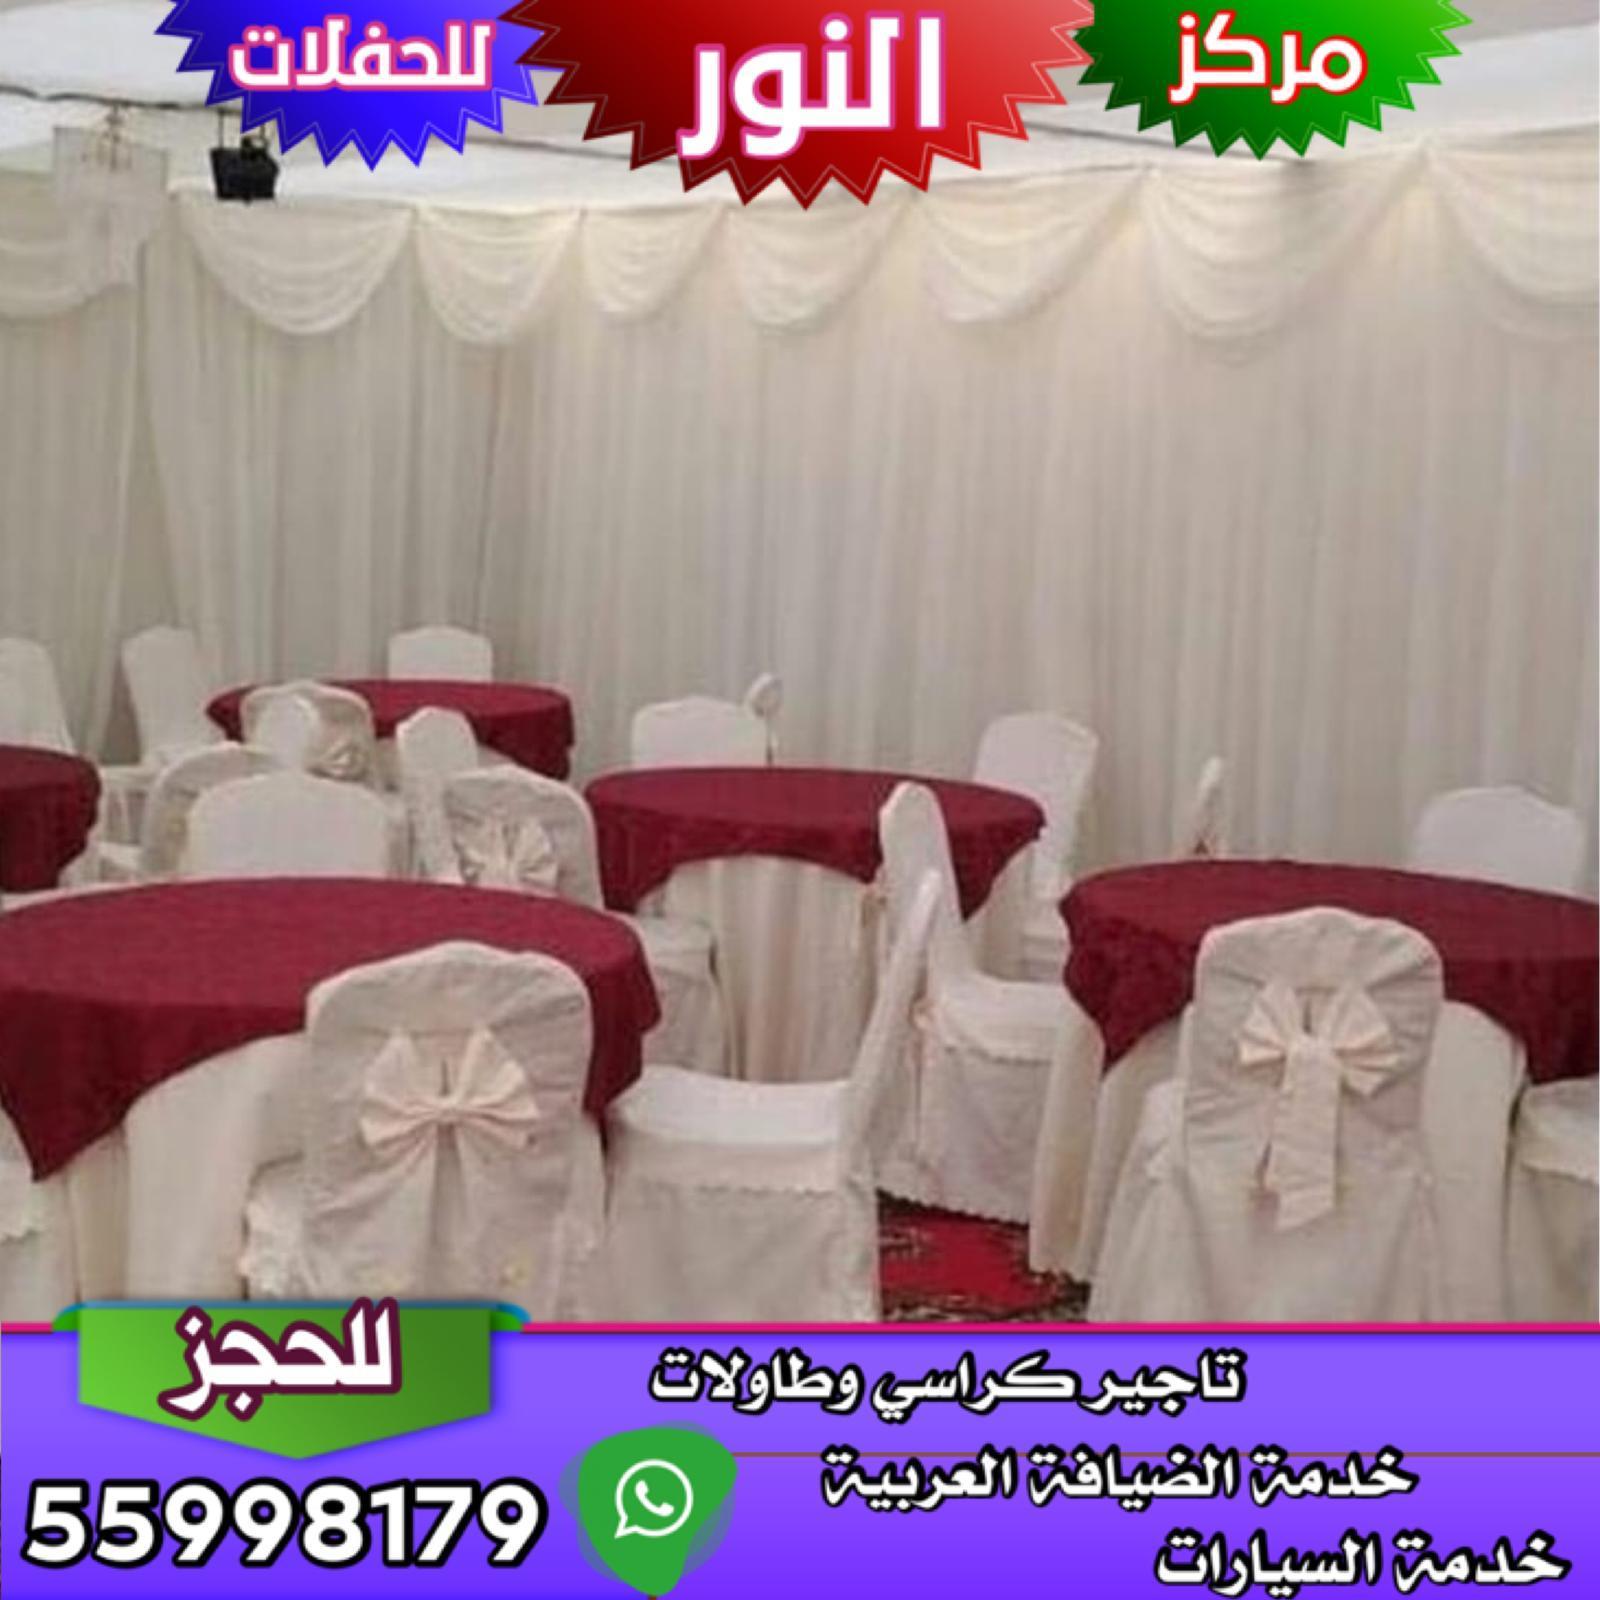 تاجير طاولات بالكويت